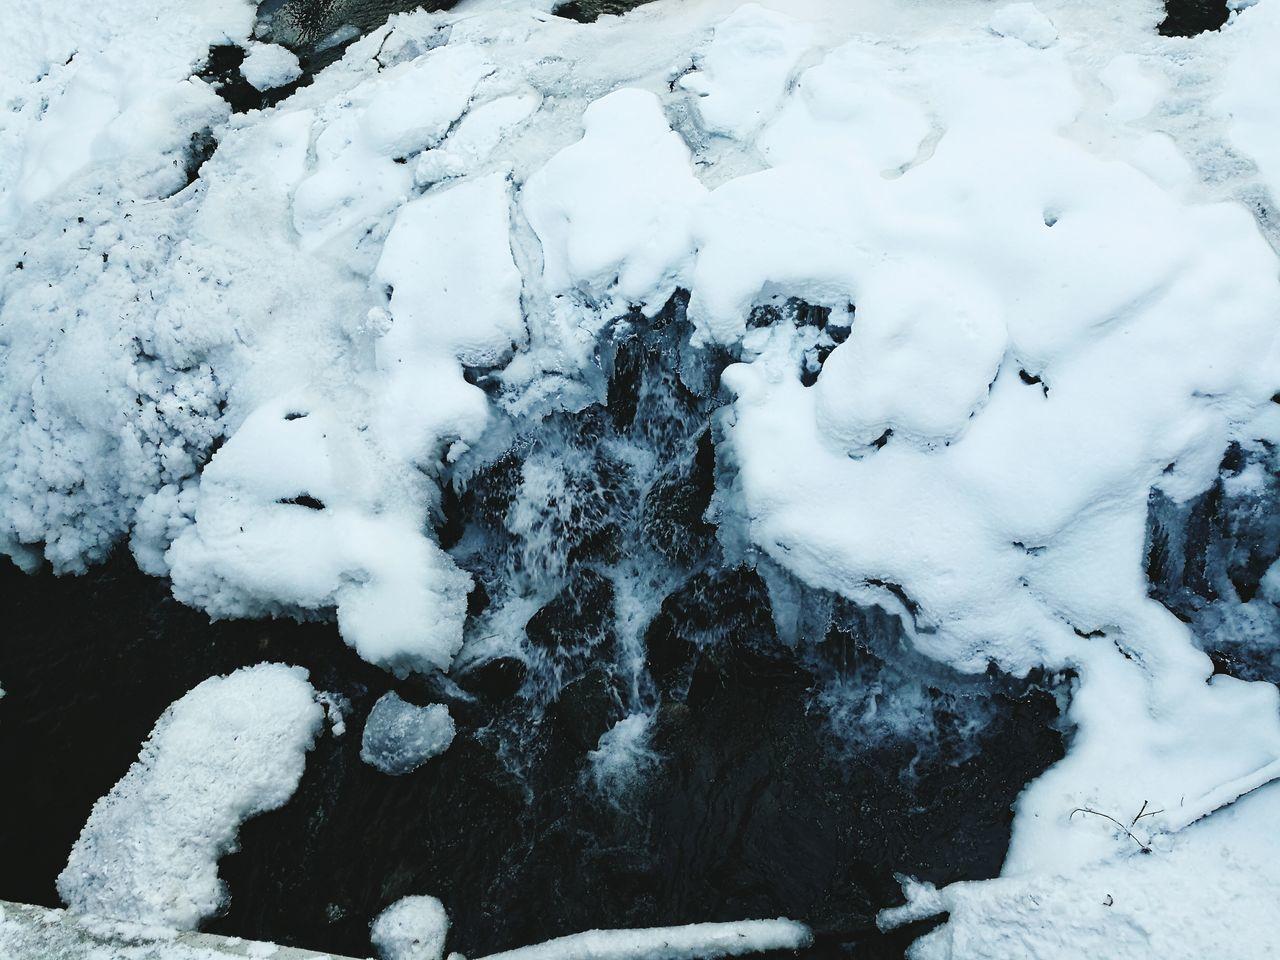 Frozen stream Winter Cold Temperature No People Weather Snow Nature Cold Weather Snow ❄ Cold Winter ❄⛄ Winter Beauty In Nature Water Frozen Waterfall Ice White